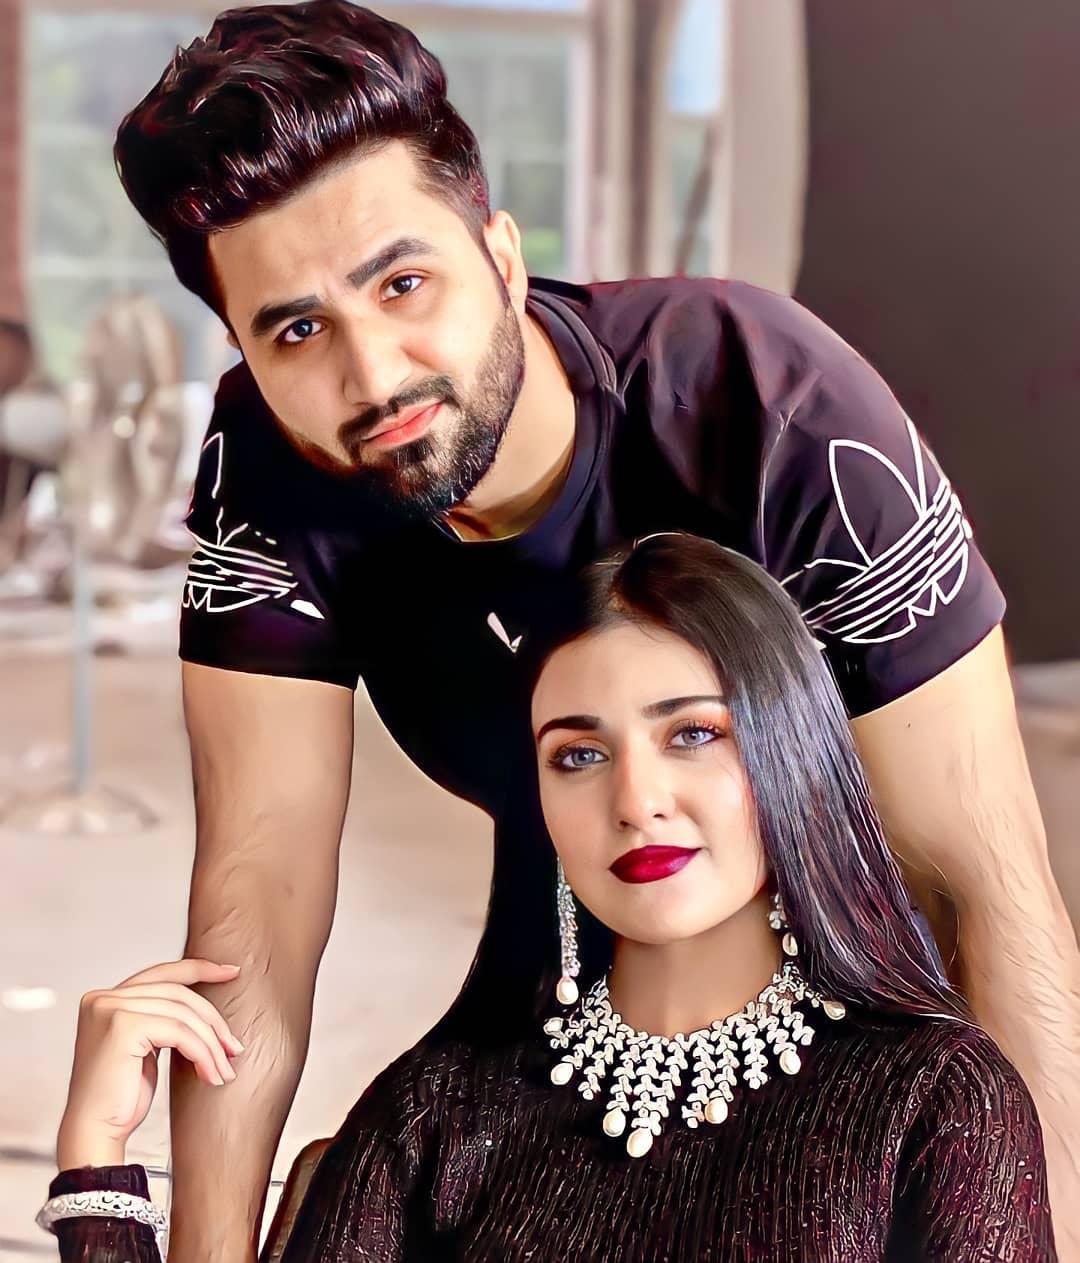 Beautiful Couple Sarah Khan and Falak Shabir - Latest Pictures